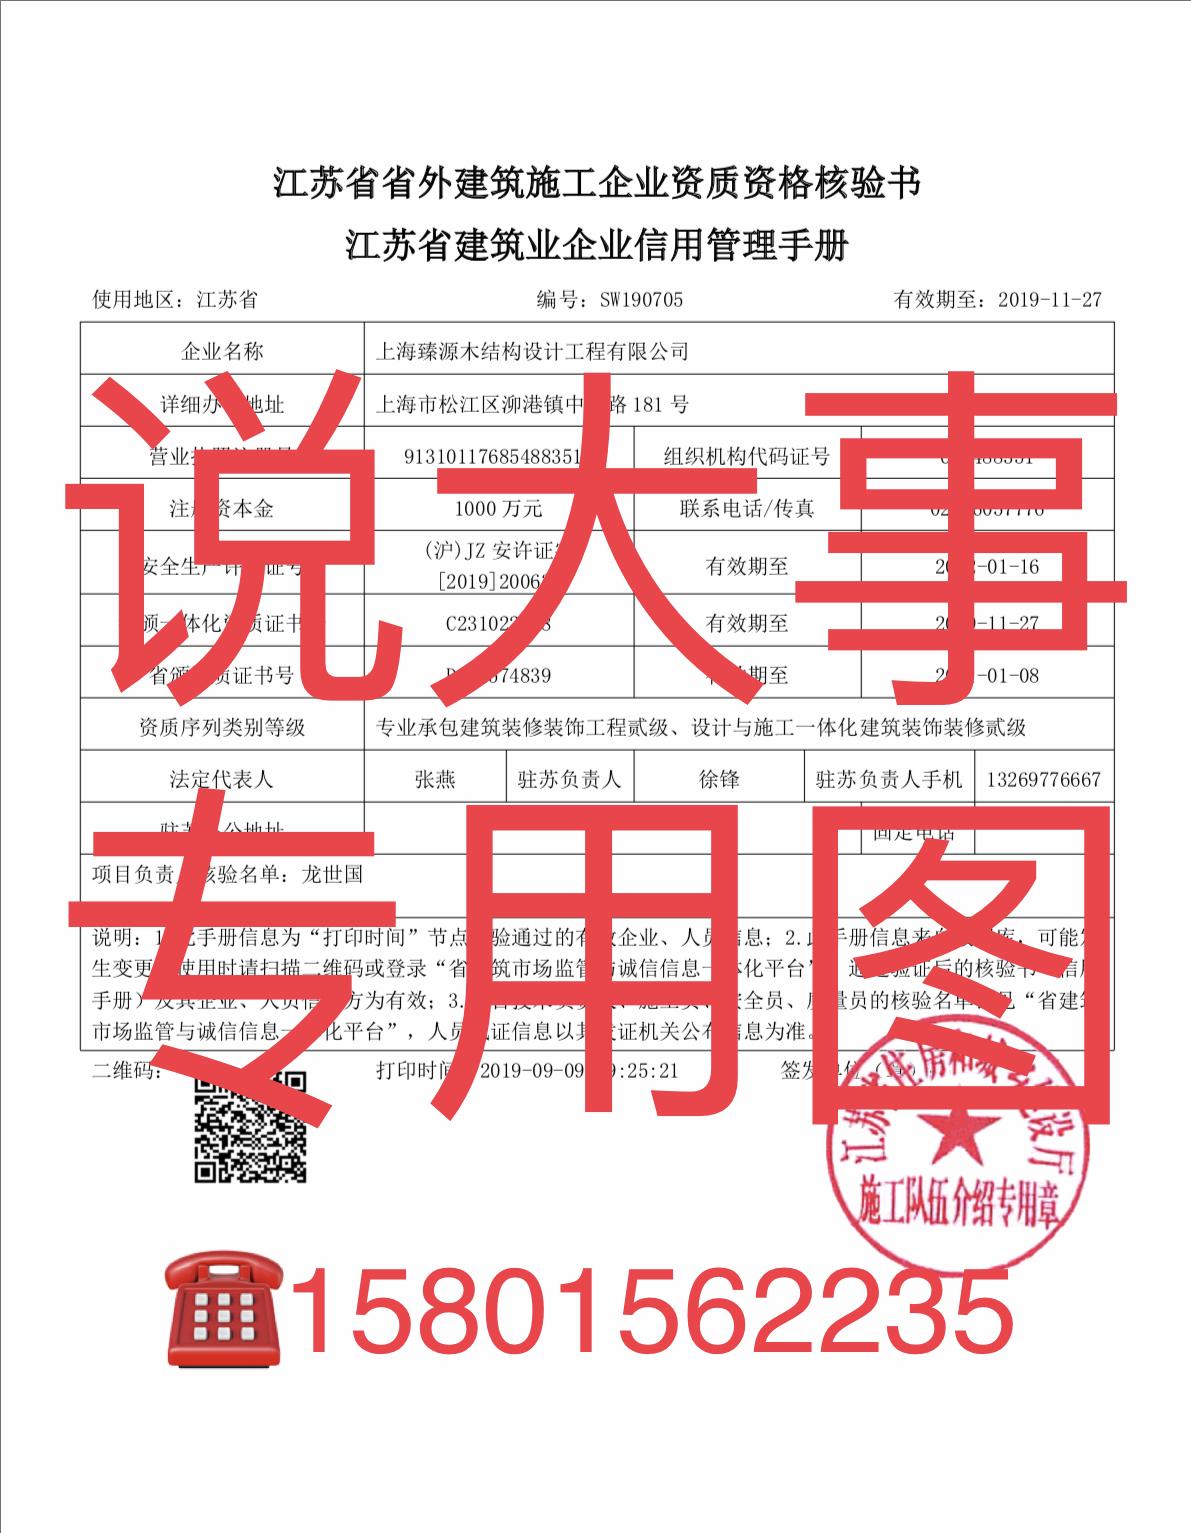 办理江苏省建筑企业信用管理手册及资质资格核验书步骤